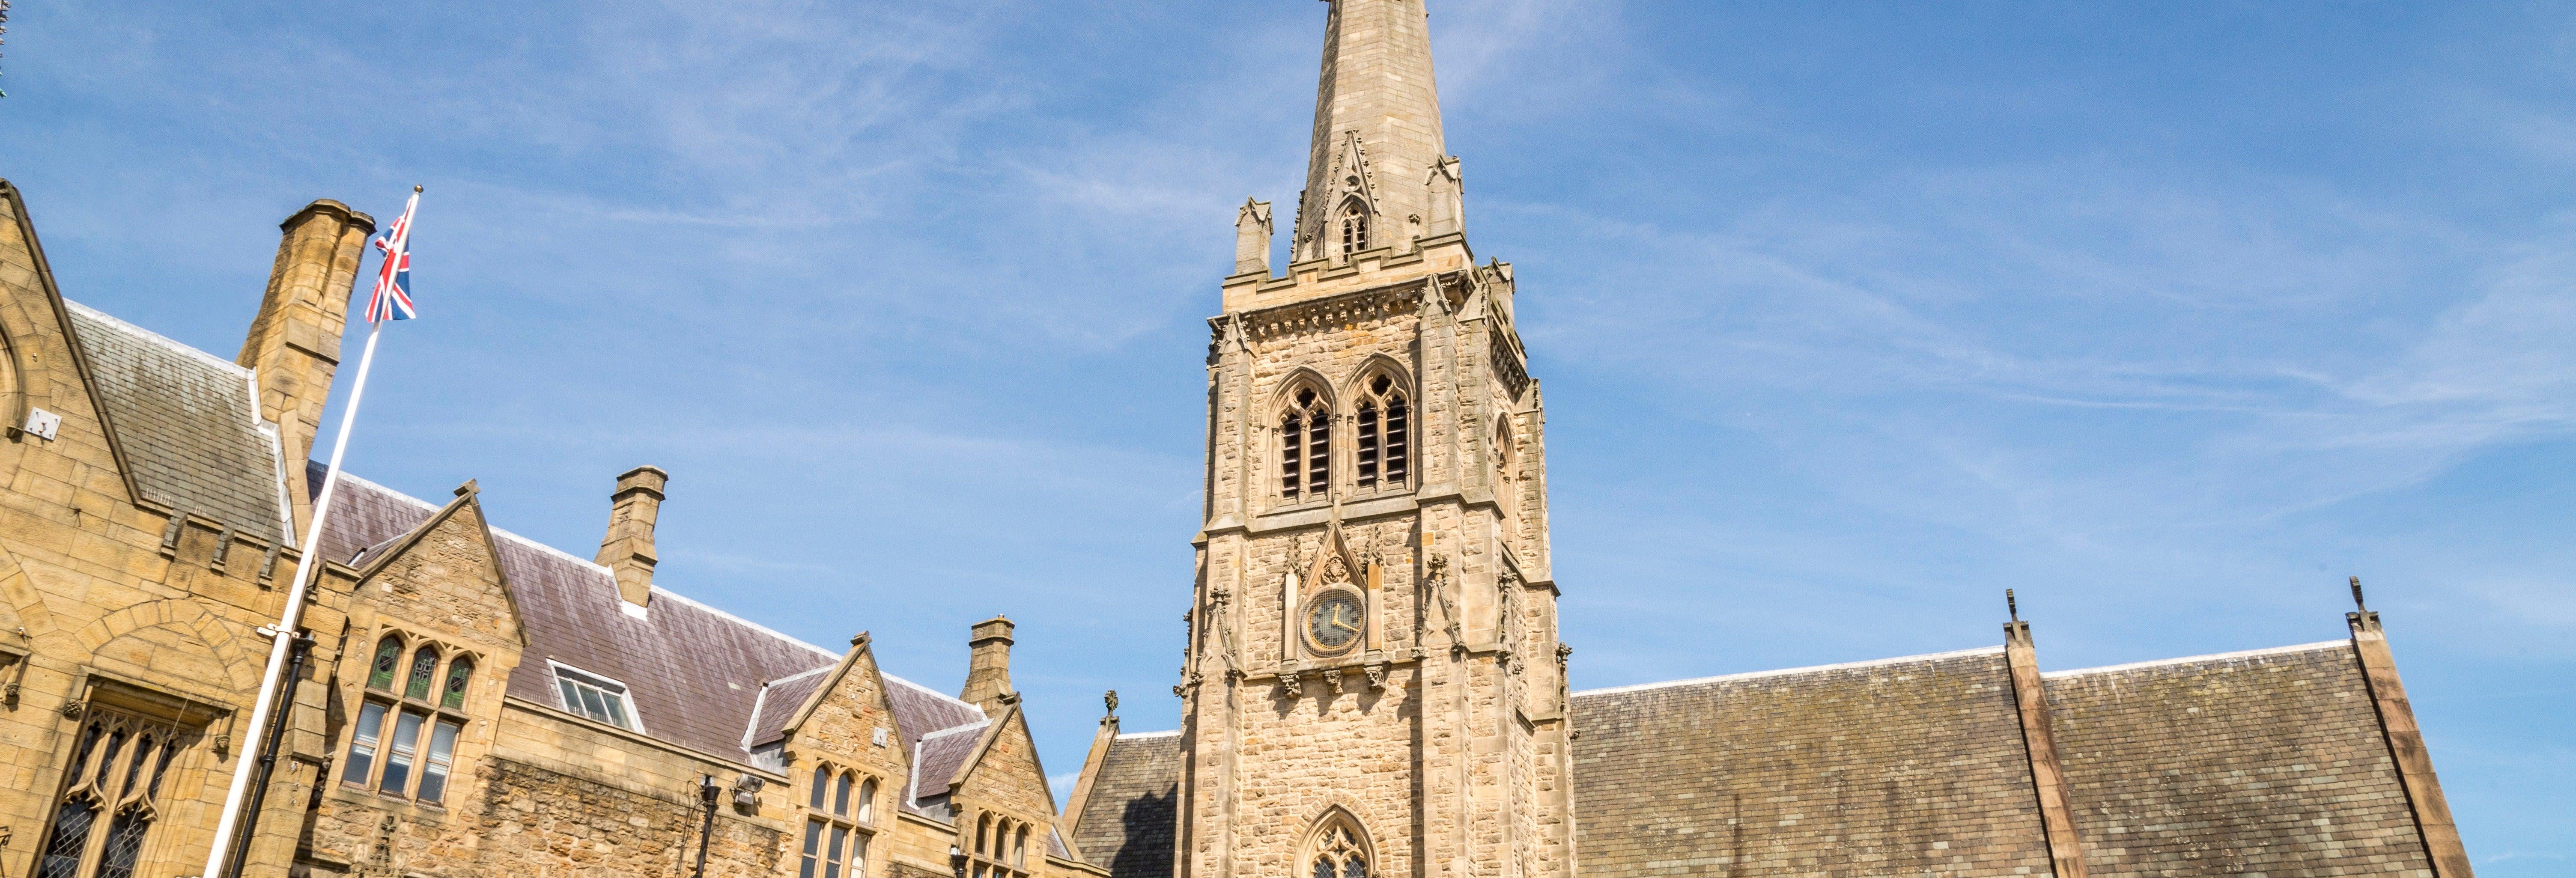 Visita guiada por Durham